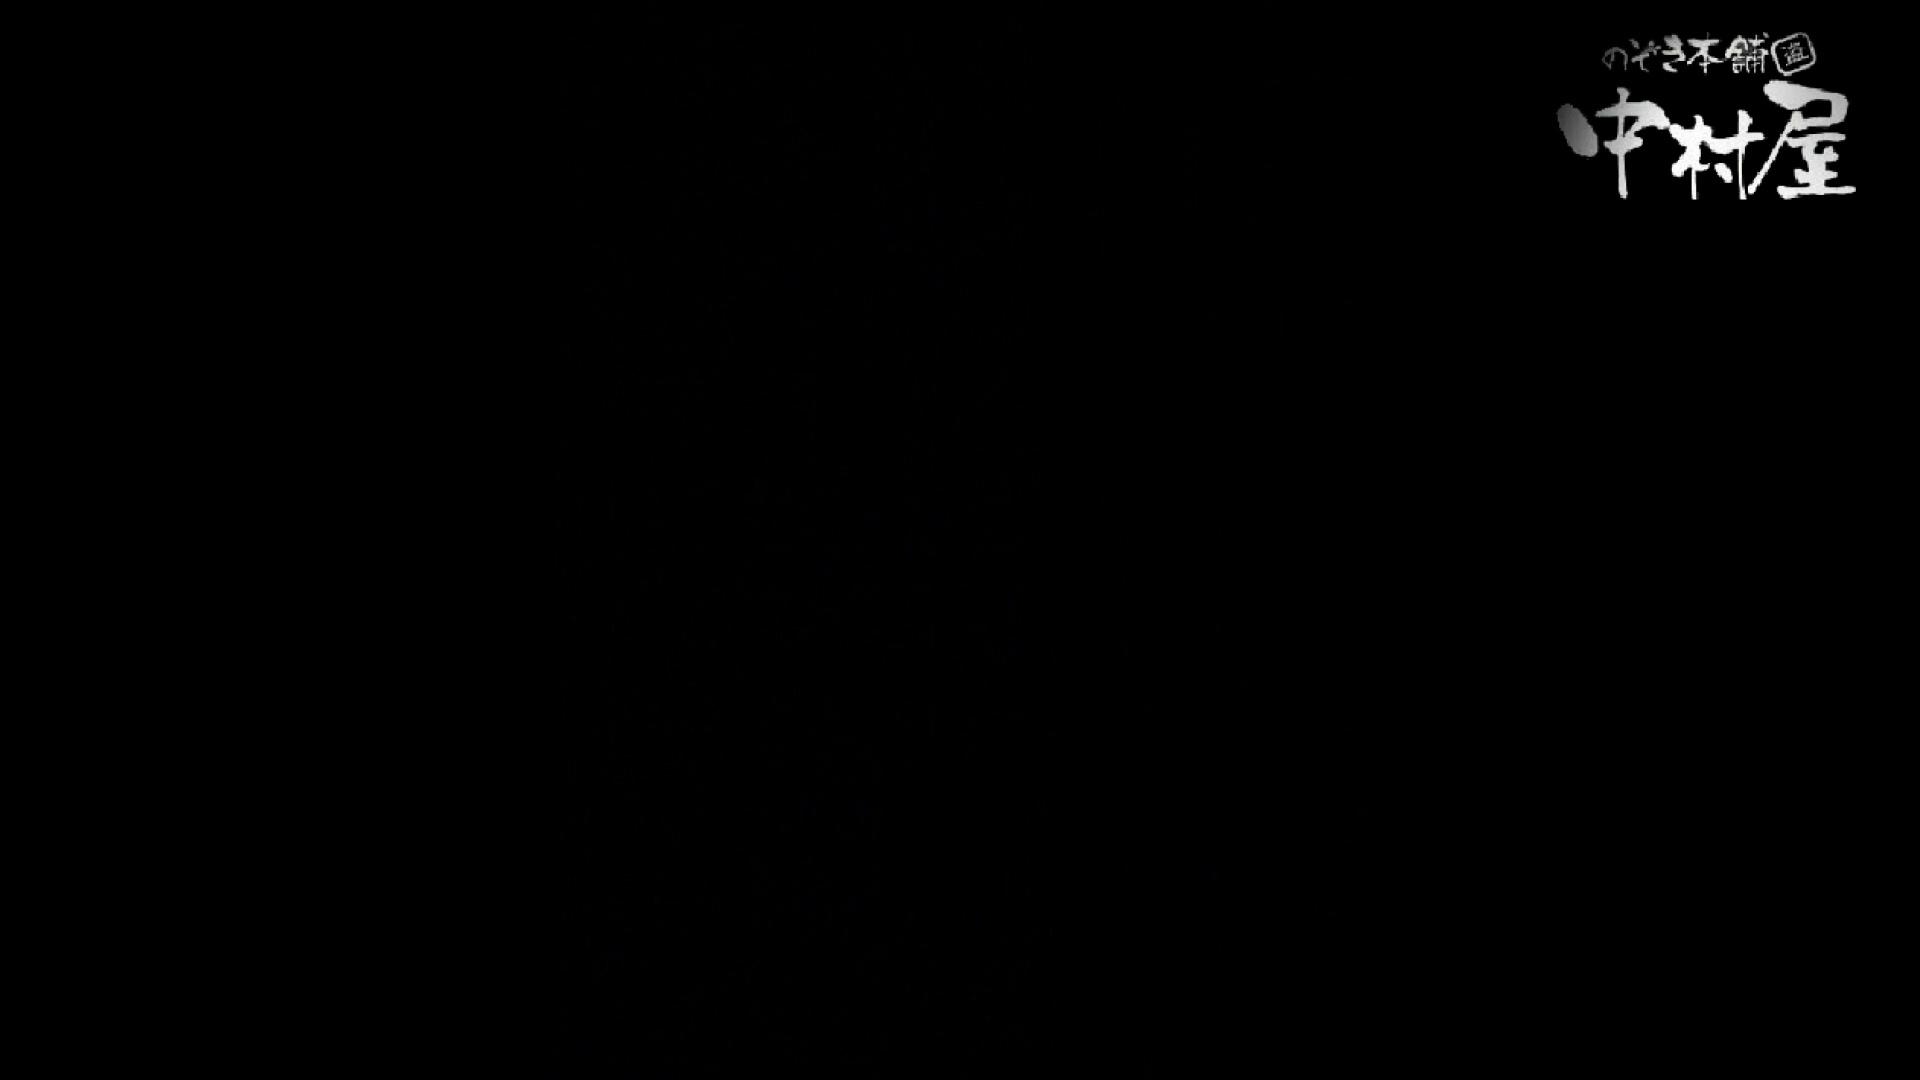 雅さんの独断と偏見で集めた動画集 民家Vol.6 覗き 盗み撮り動画 10枚 5